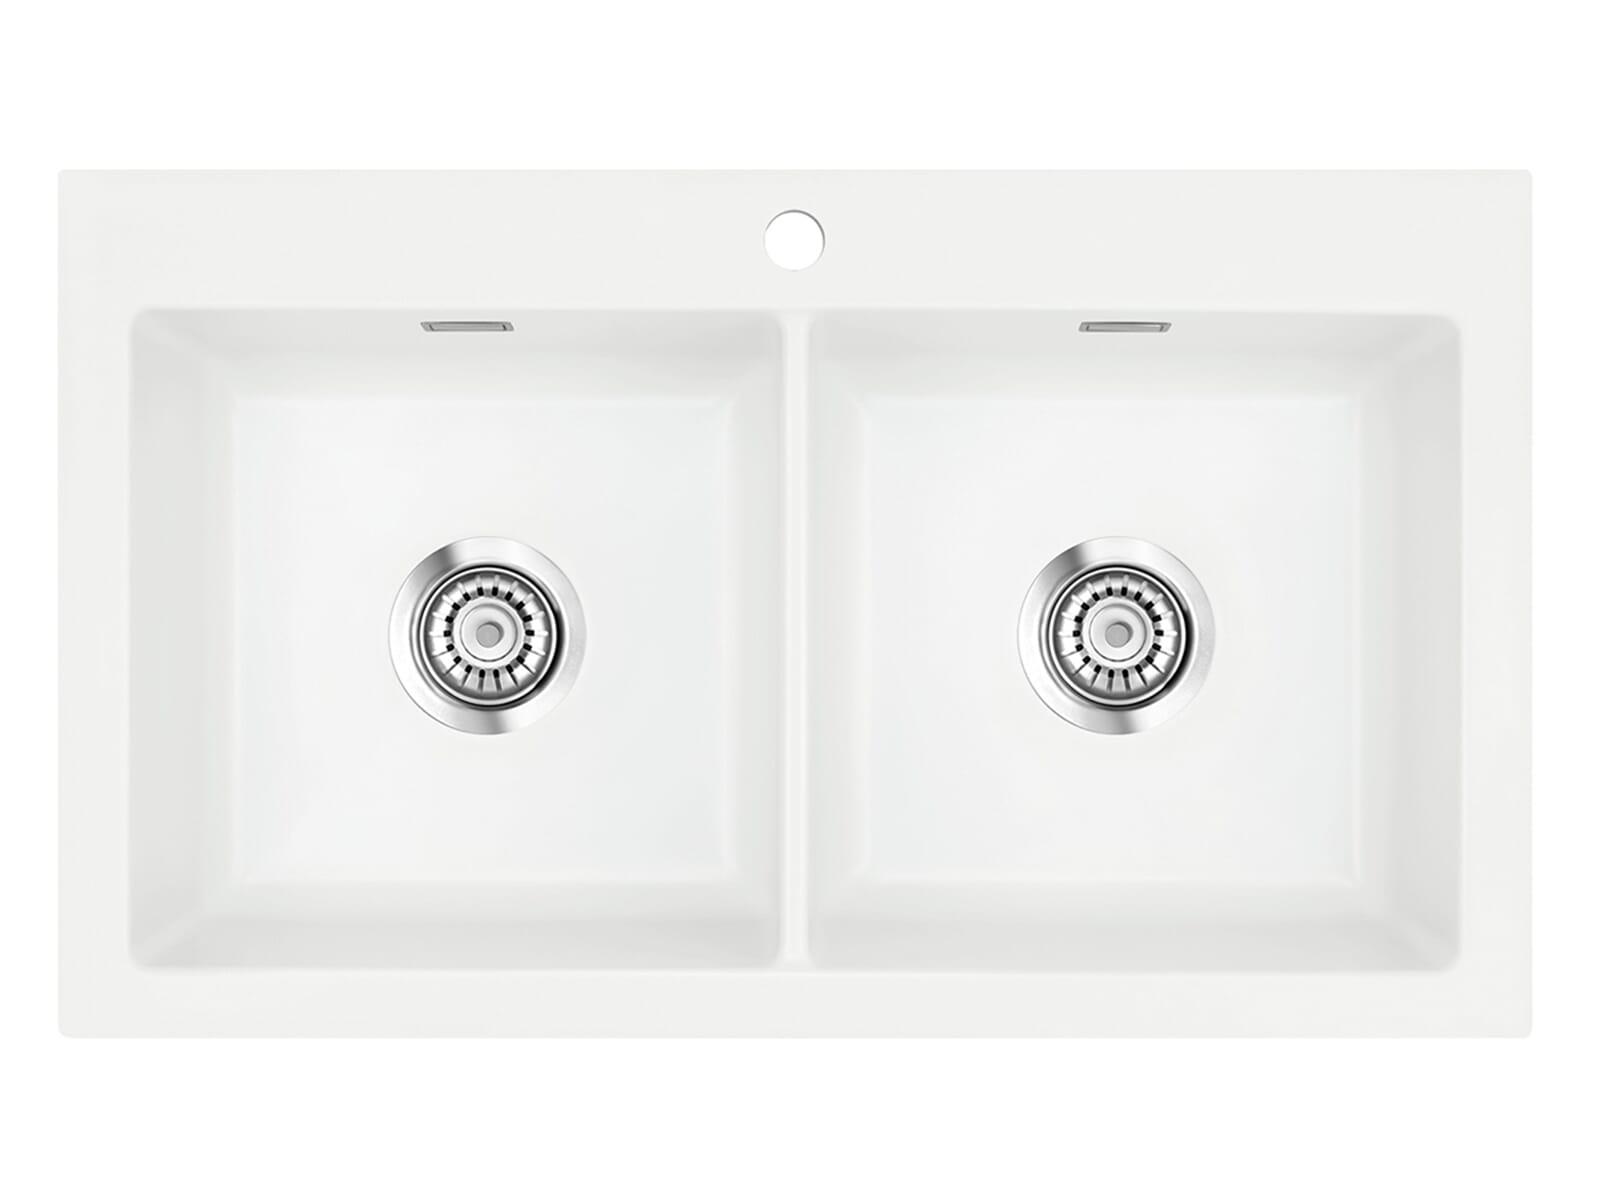 Systemceram Mera Twin Polar Keramikspüle Handbetätigung